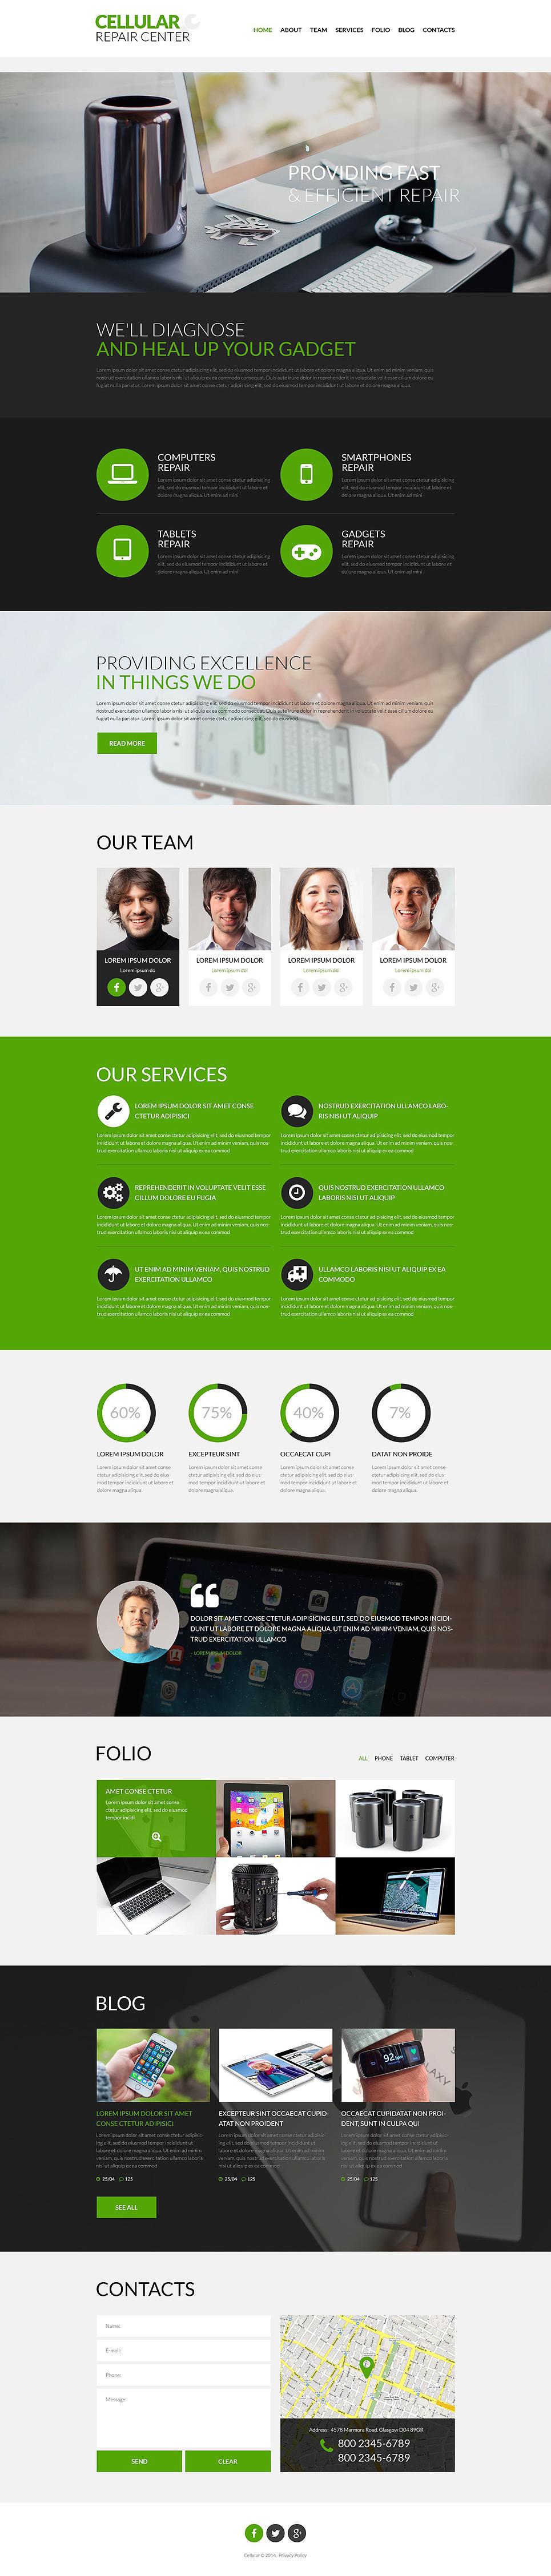 Celluar Repair Center PSD Template New Screenshots BIG